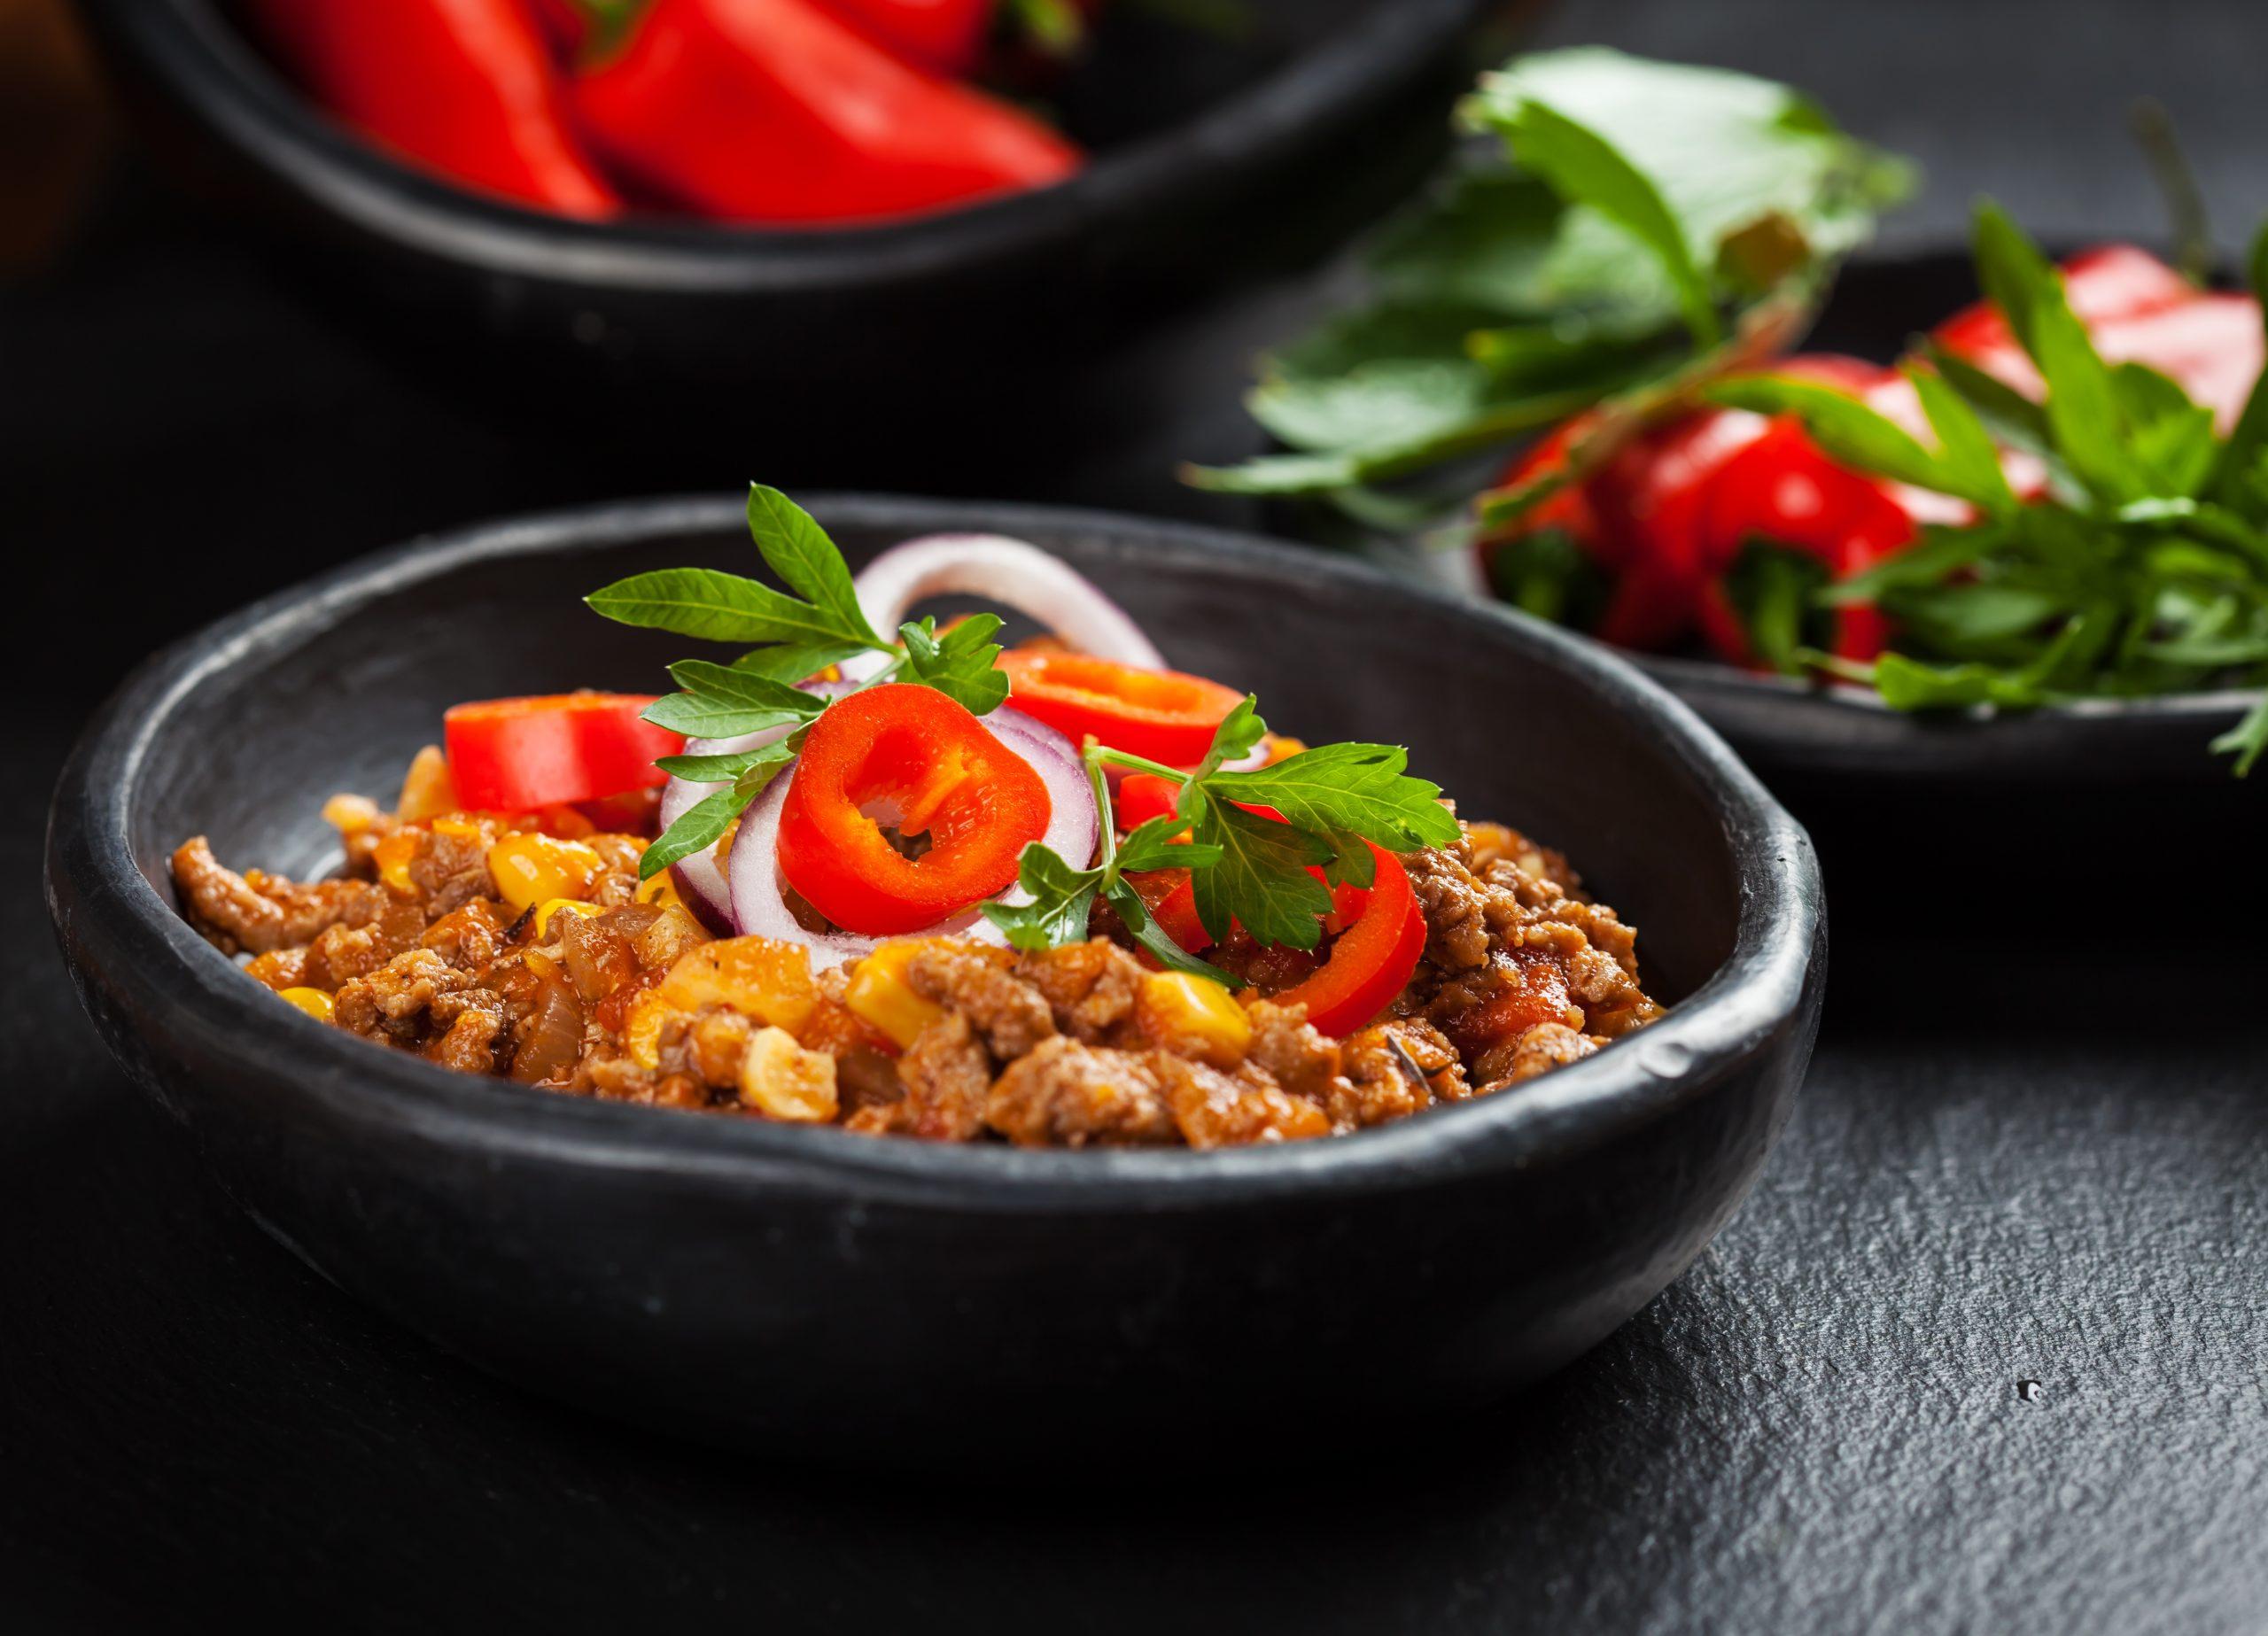 eintopf-mit-hackfleisch-paprika-karotten-bohnen-mais-und-erbsen